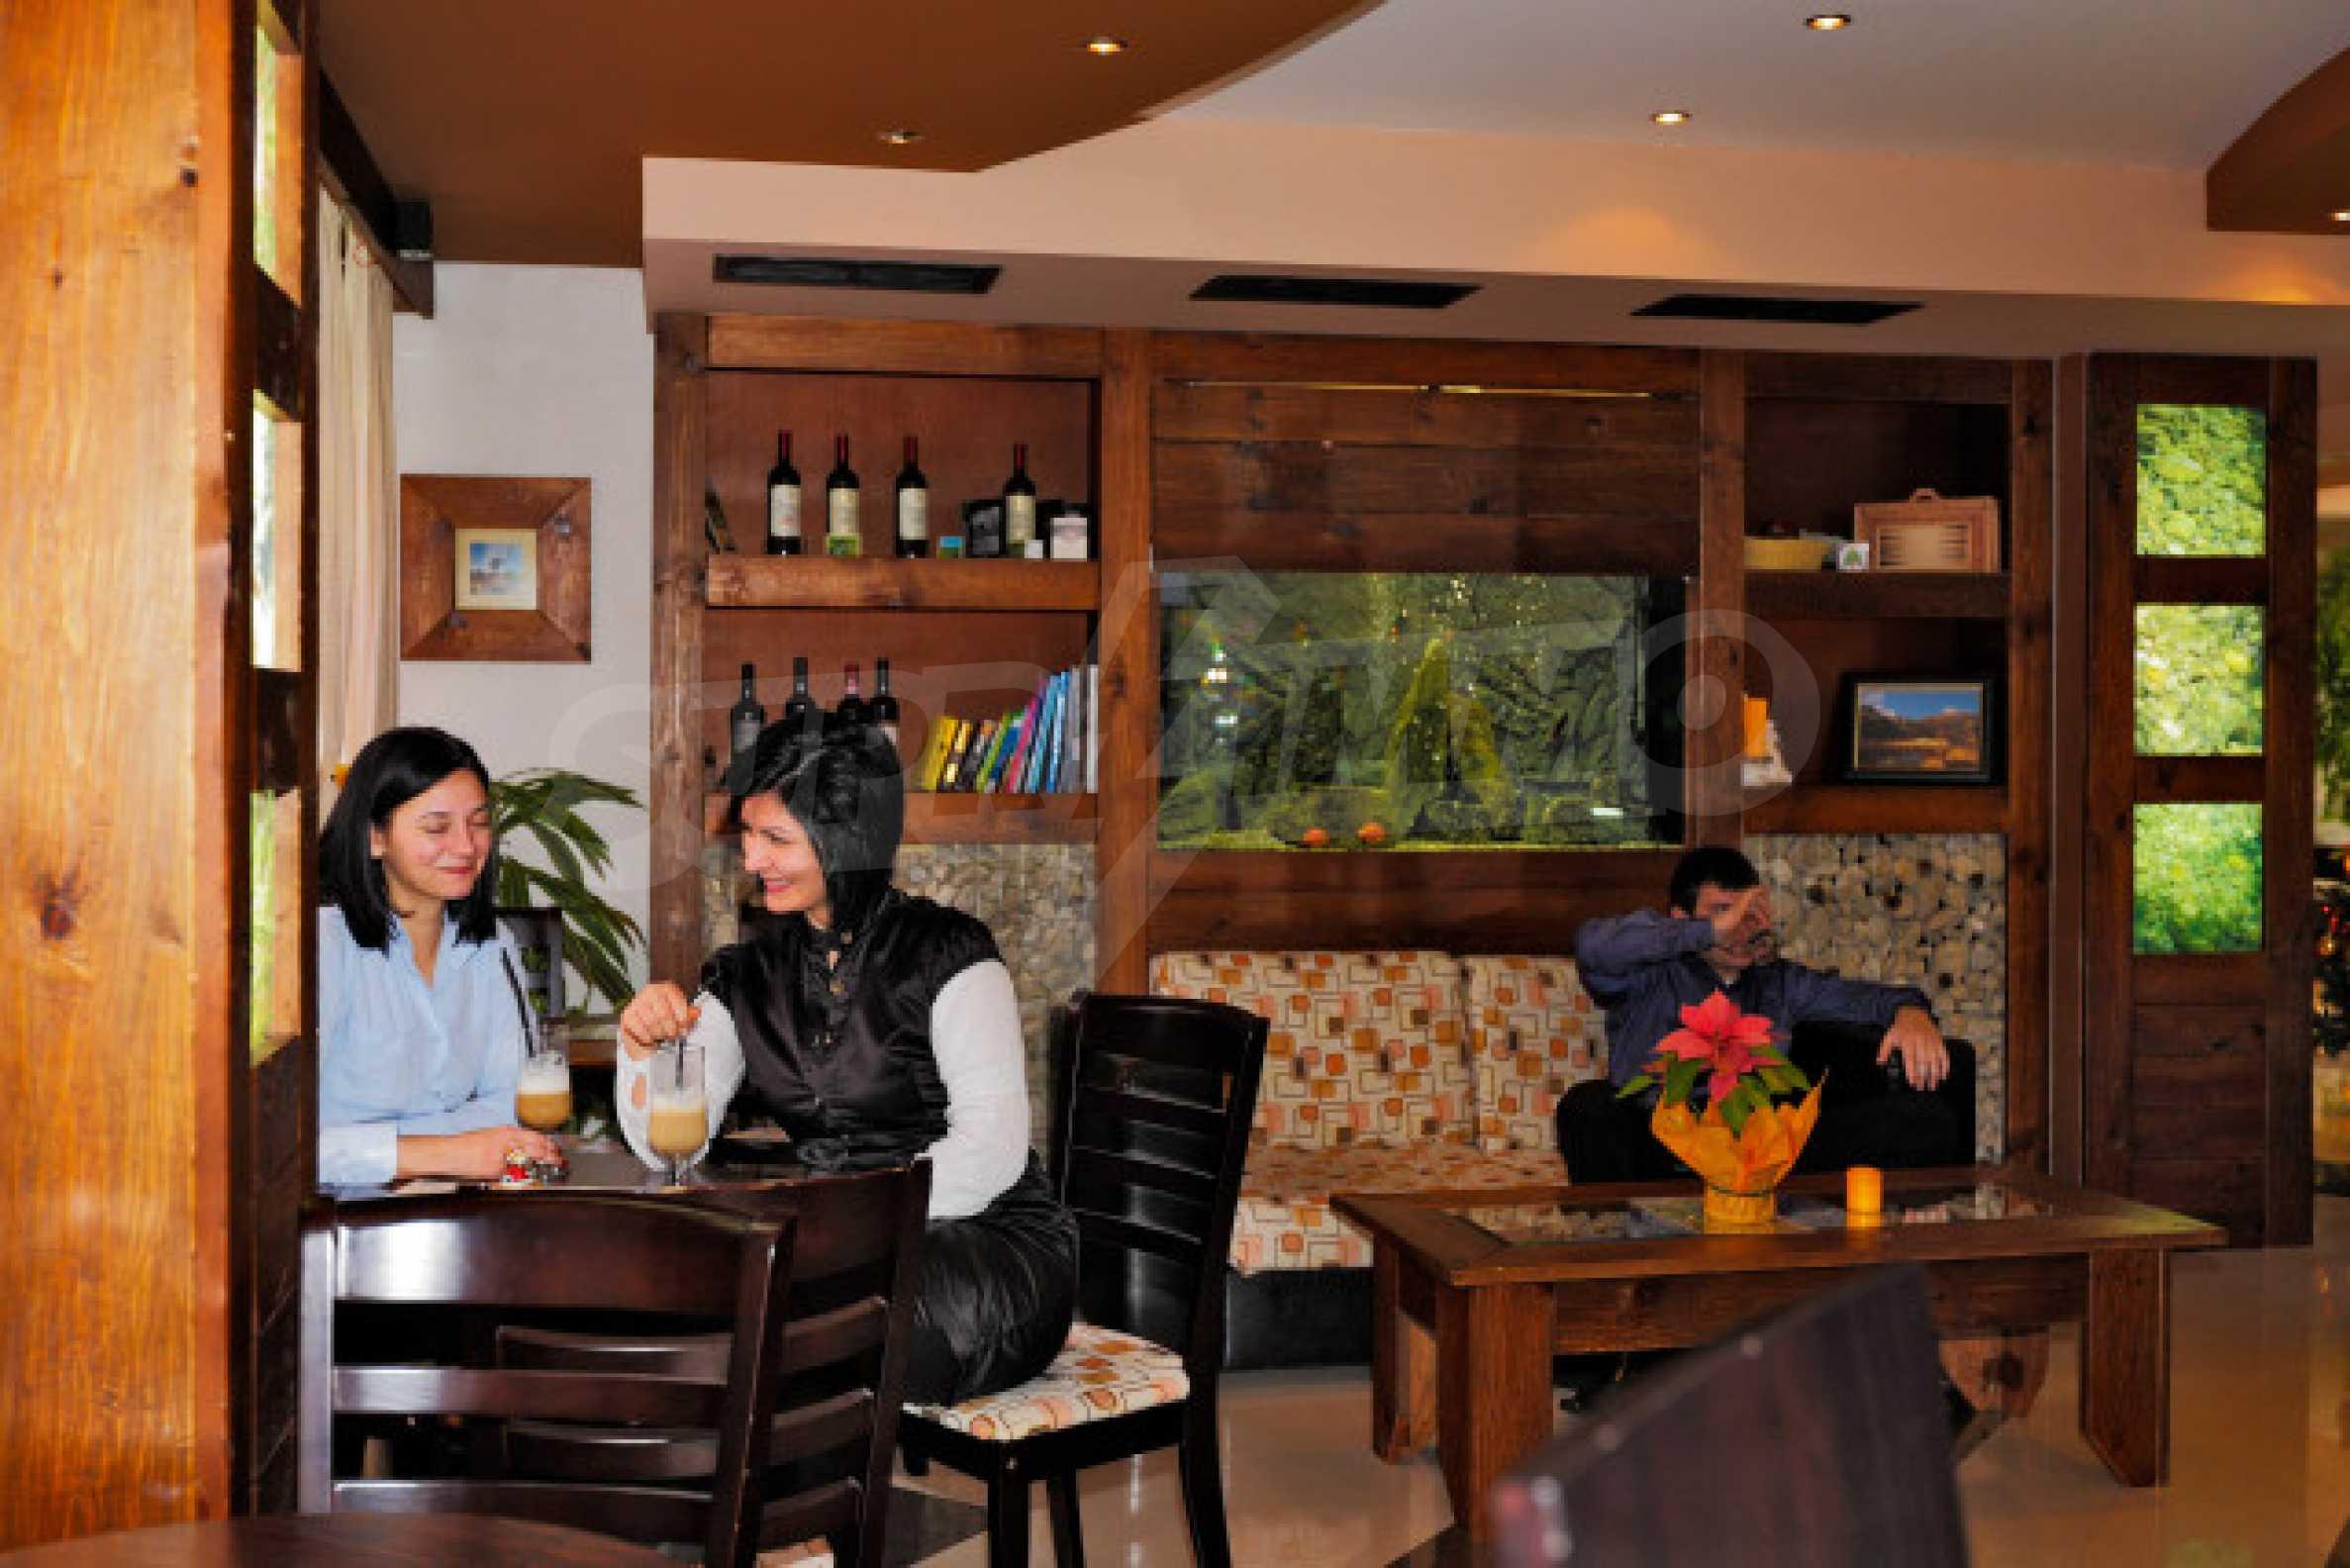 Продажа ресторана / бара в зимнем к. Банско 4